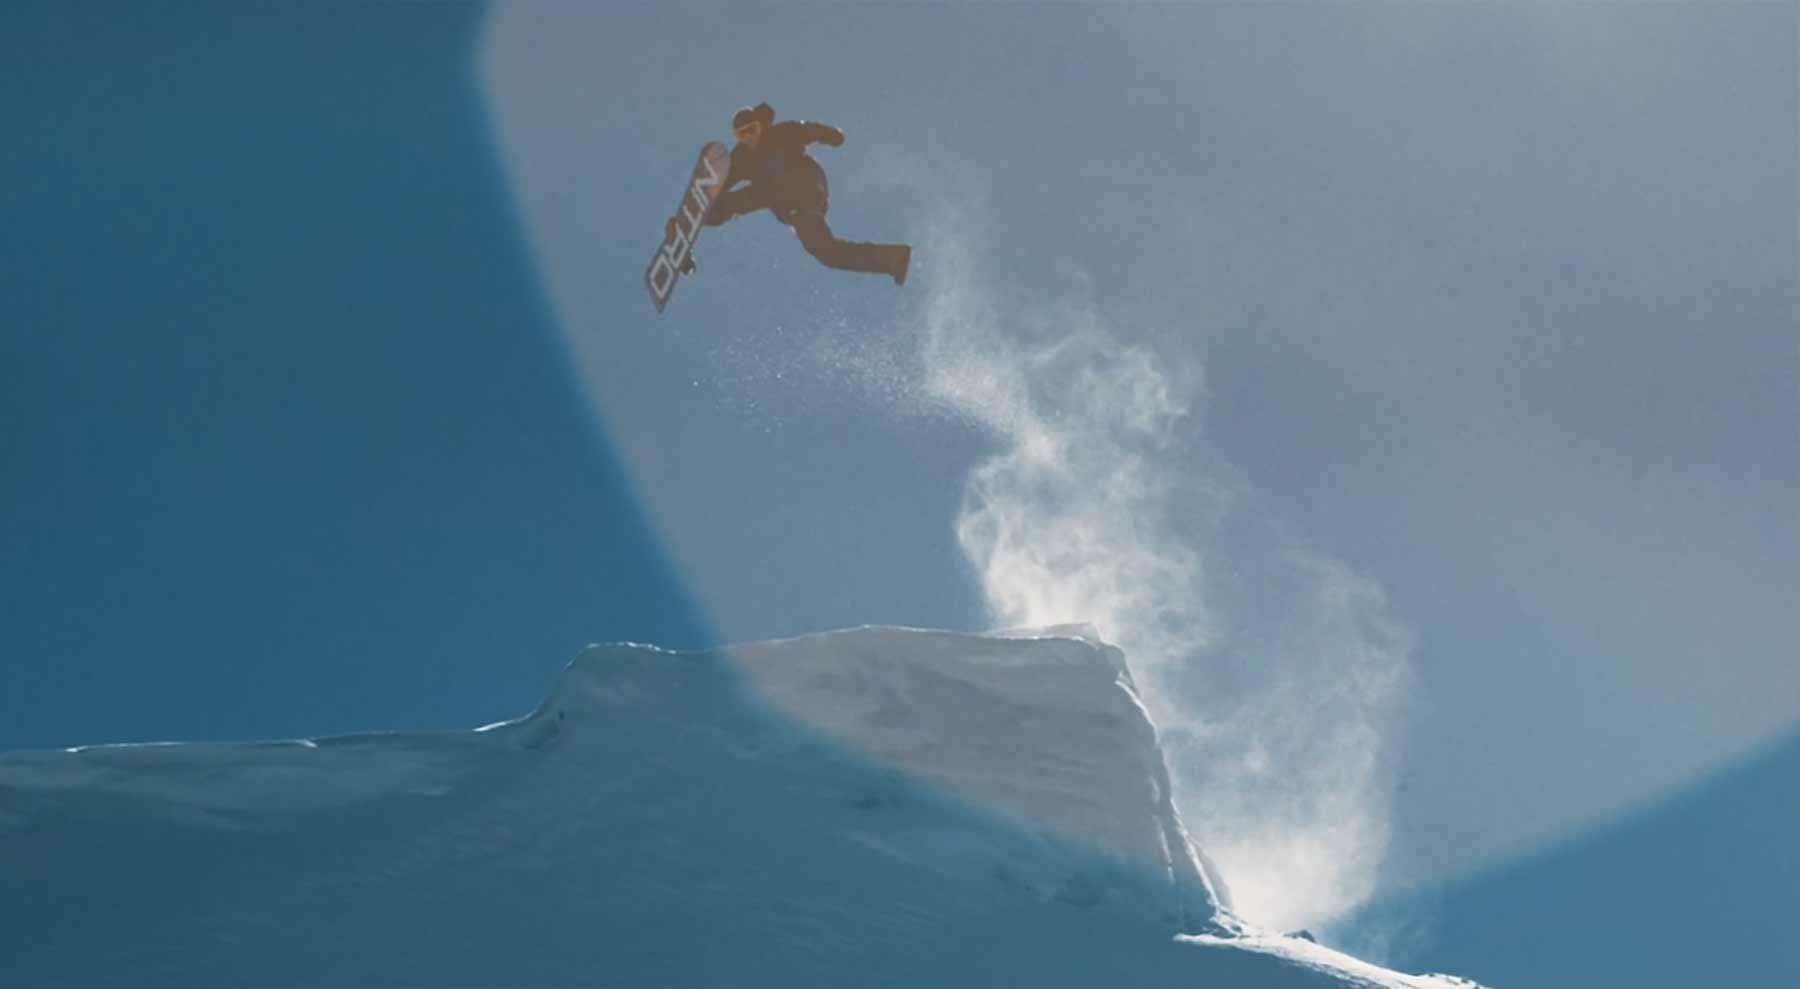 Snowboarding: Frozen Mind frozen-mind-snowboarding-film